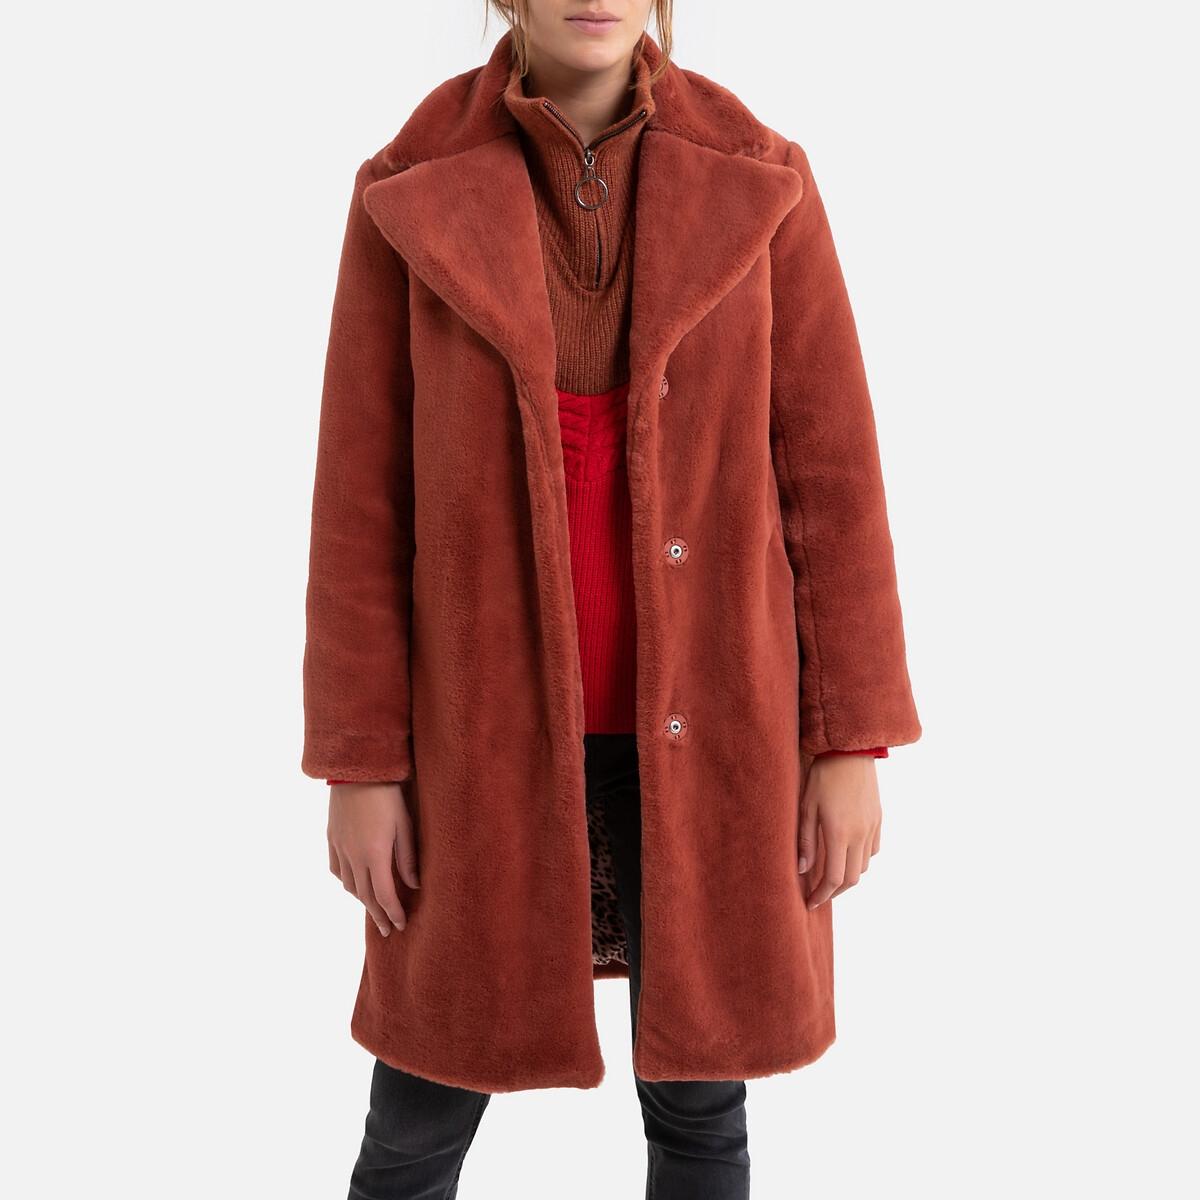 Пальто La Redoute Средней длины на кнопках 2(M) розовый платье прямое средней длины однотонное без рукавов